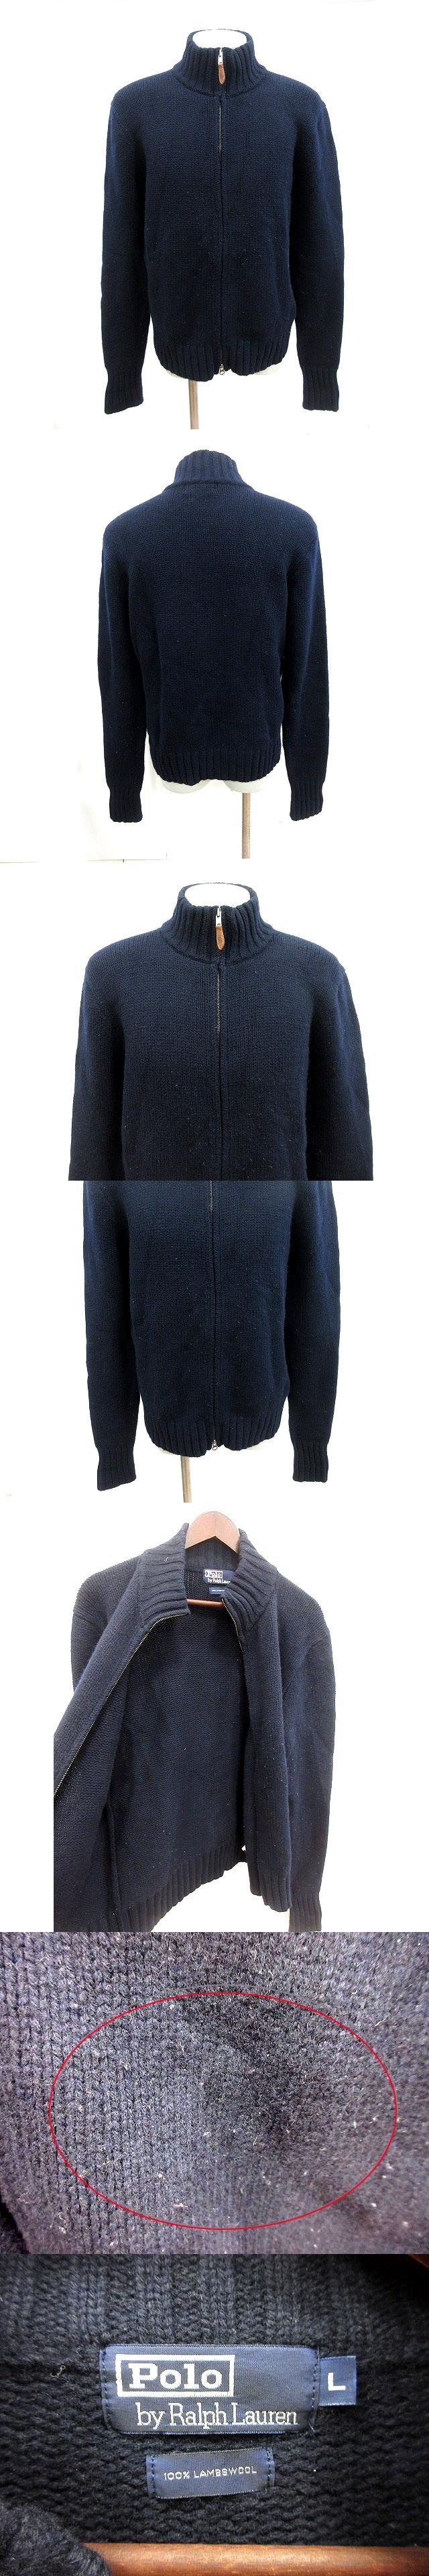 ニットジャケット ハイネック 長袖 ジップアップ ウール L 紺 ネイビー /RT